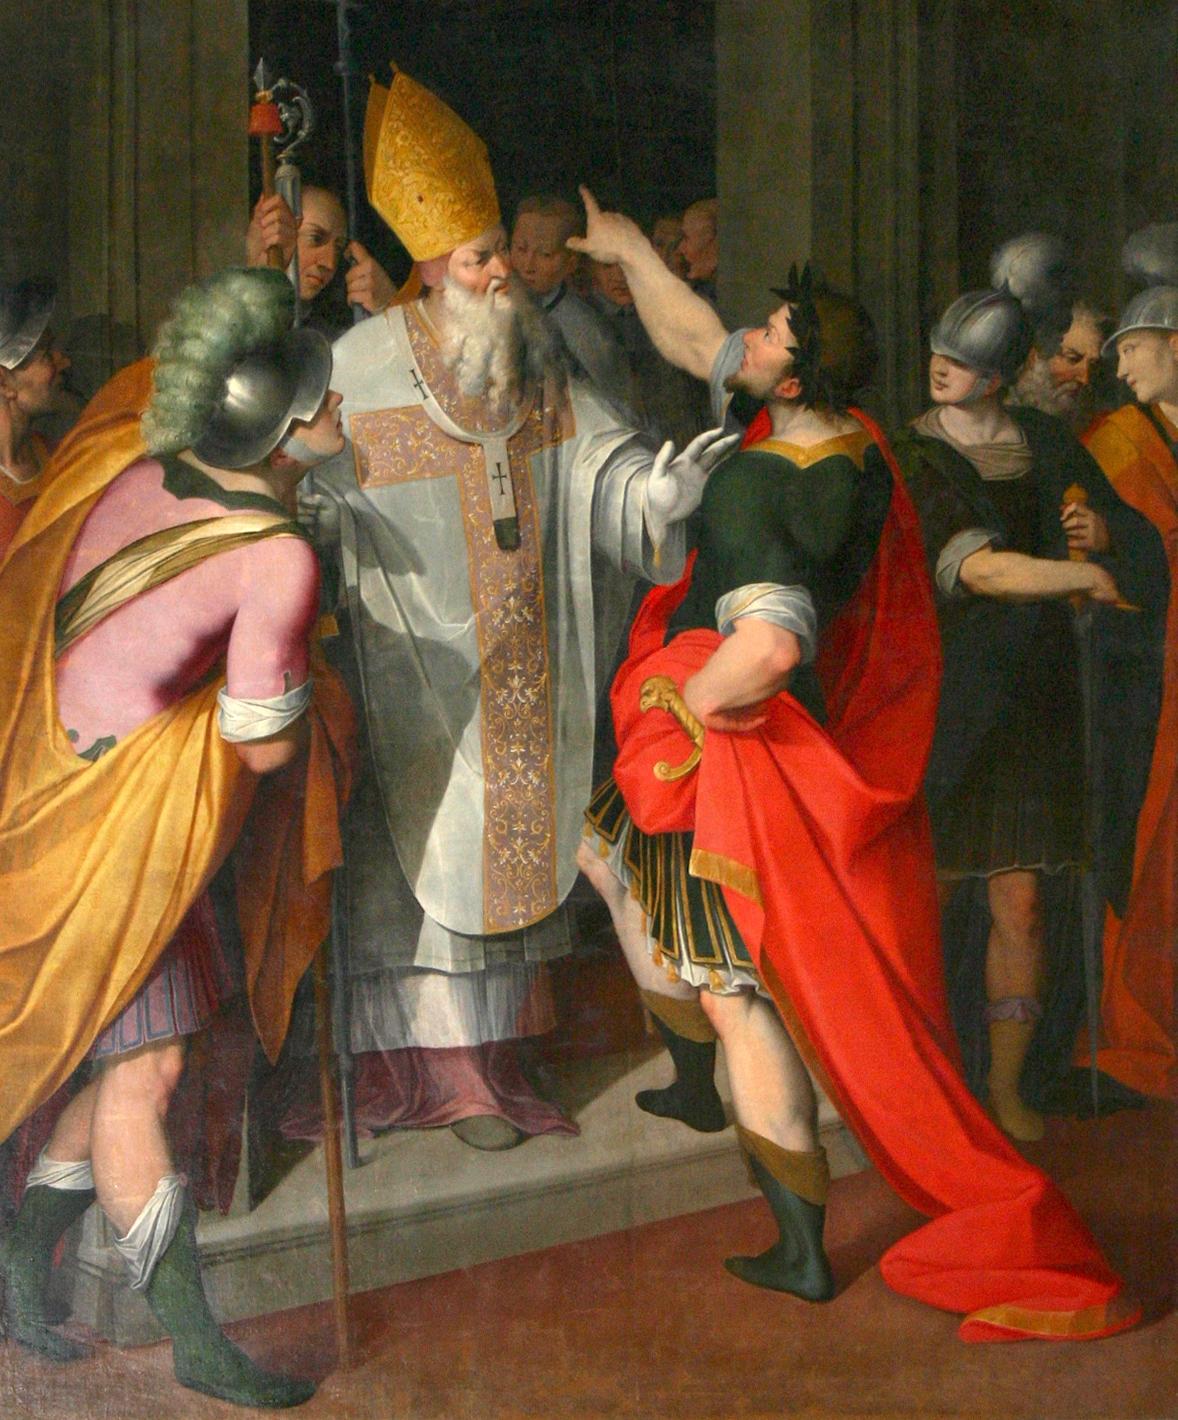 sfantul Ambroziu il opreste pe imparatul Teodosie la intrarea in Biserica